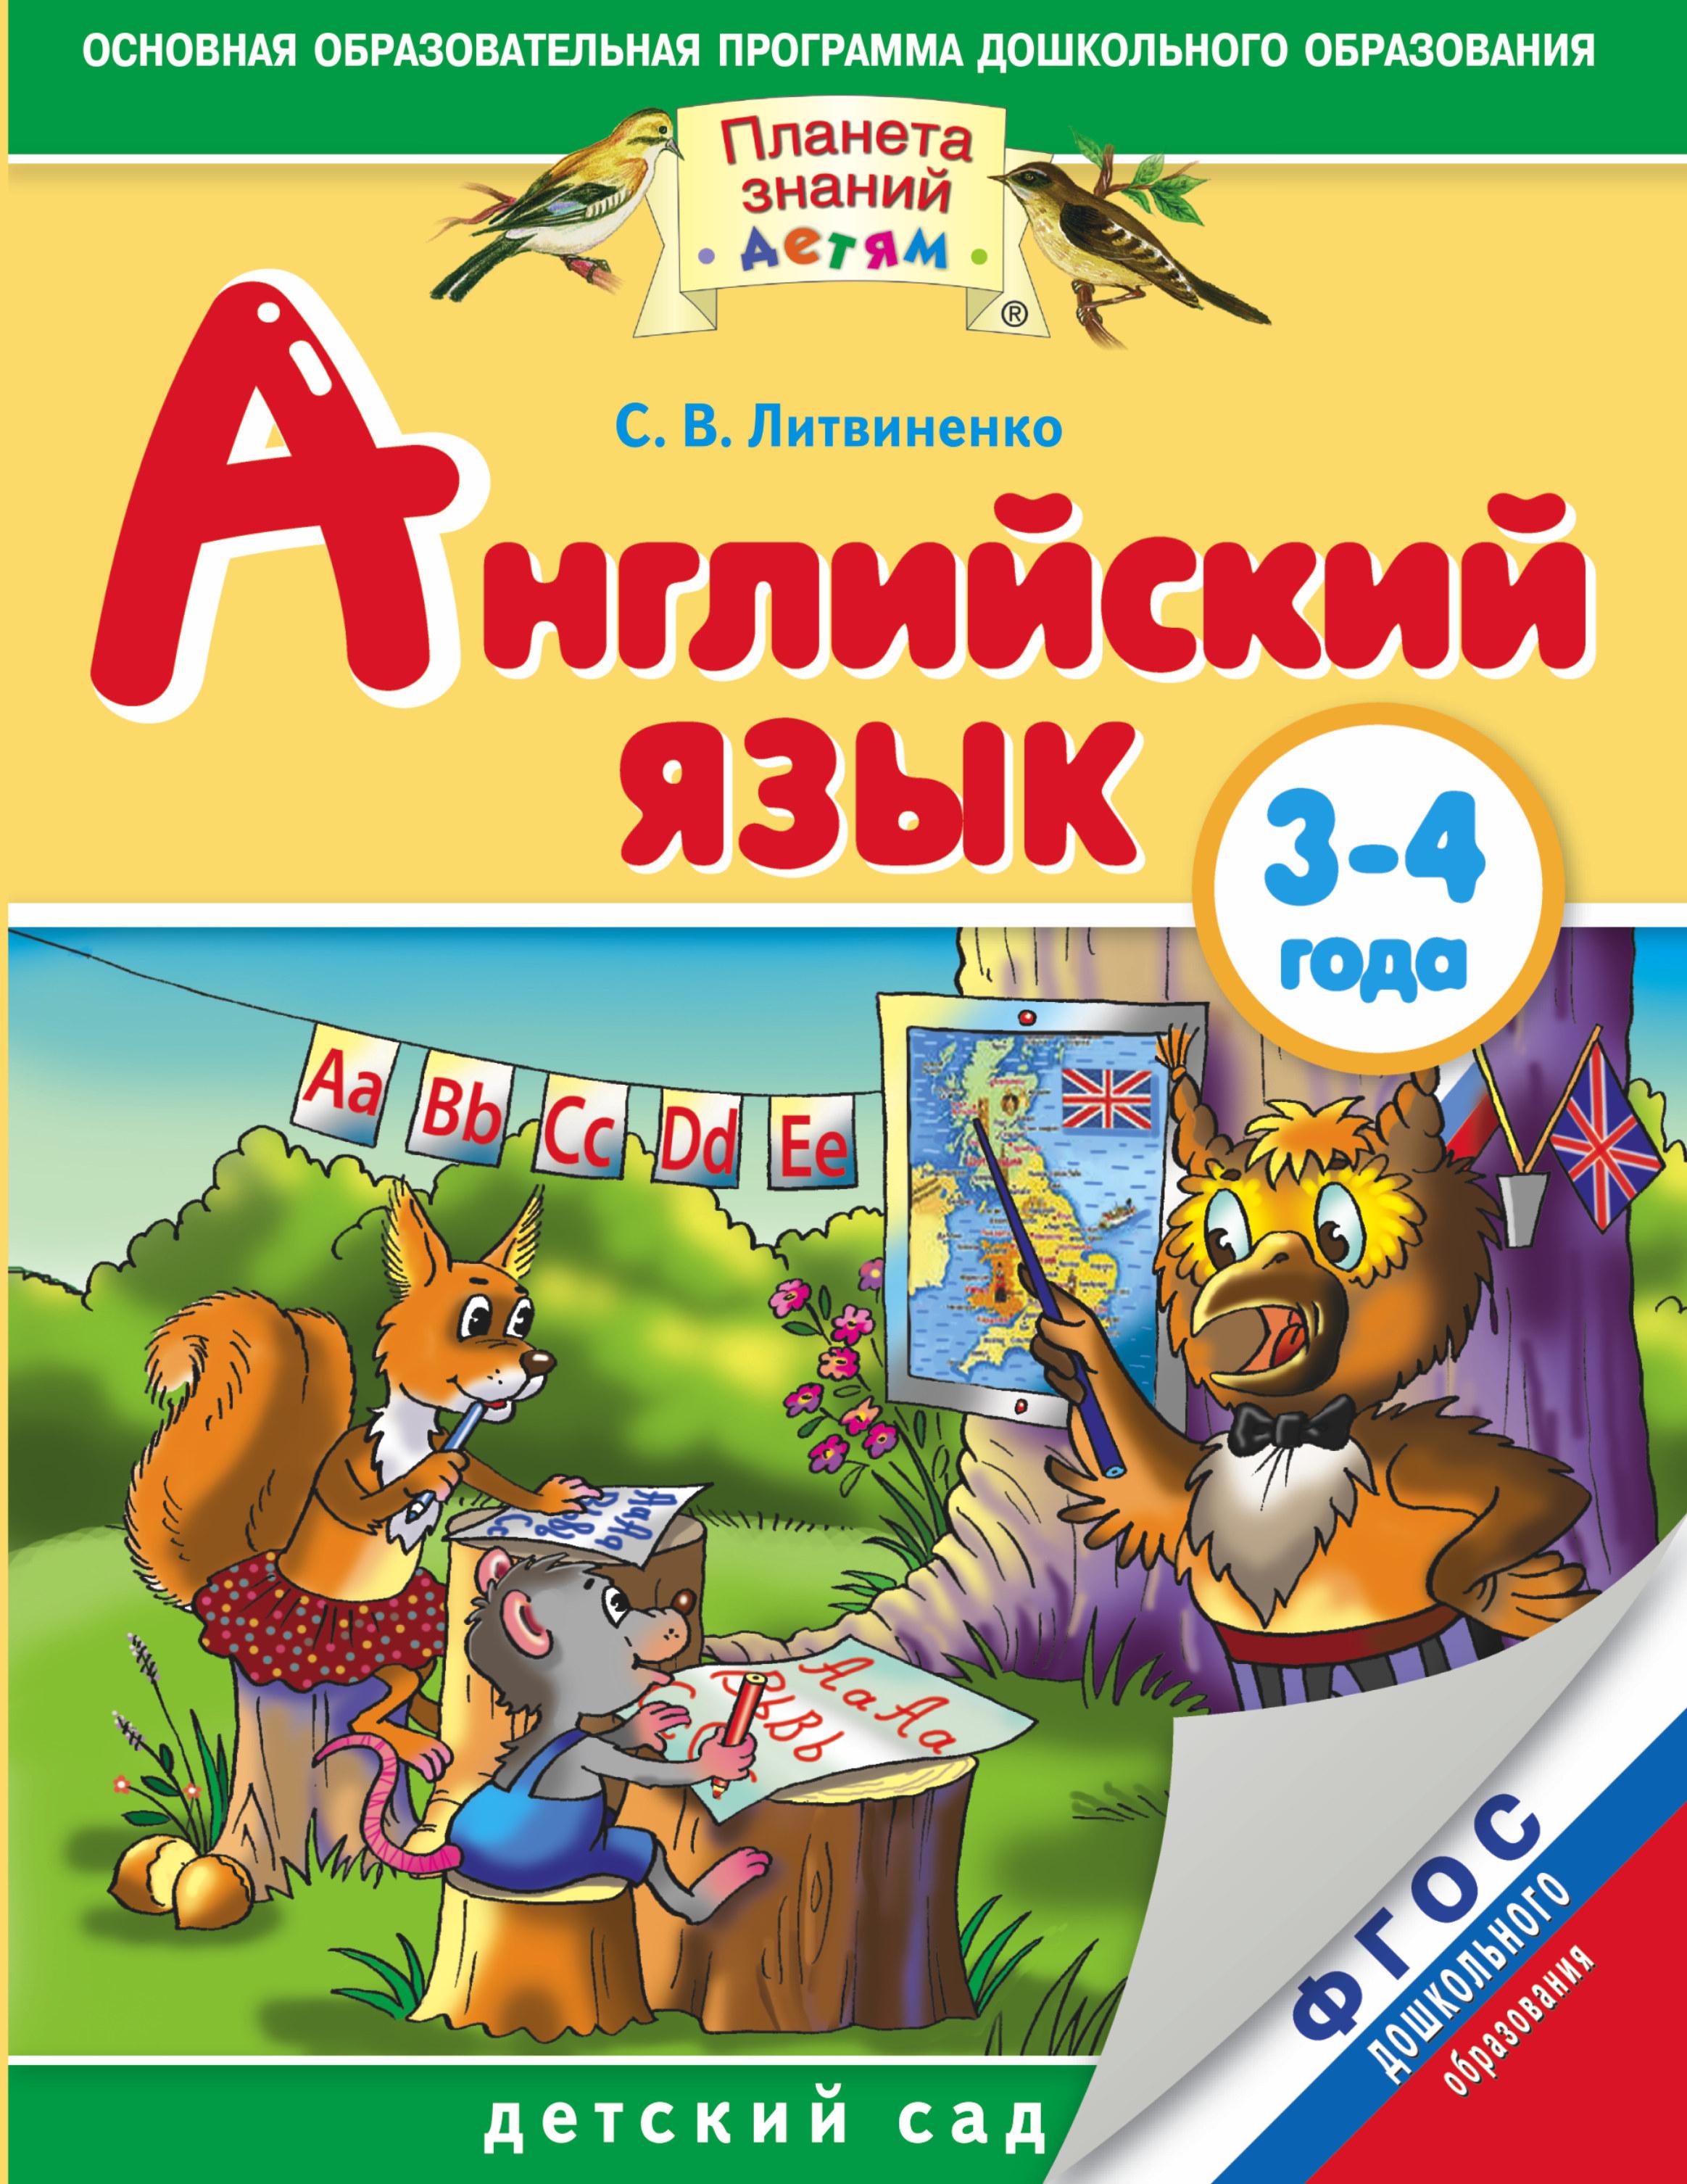 Английский язык детям. Детский сад. 3-4 года. Практическое пособие для детей и их родителей.